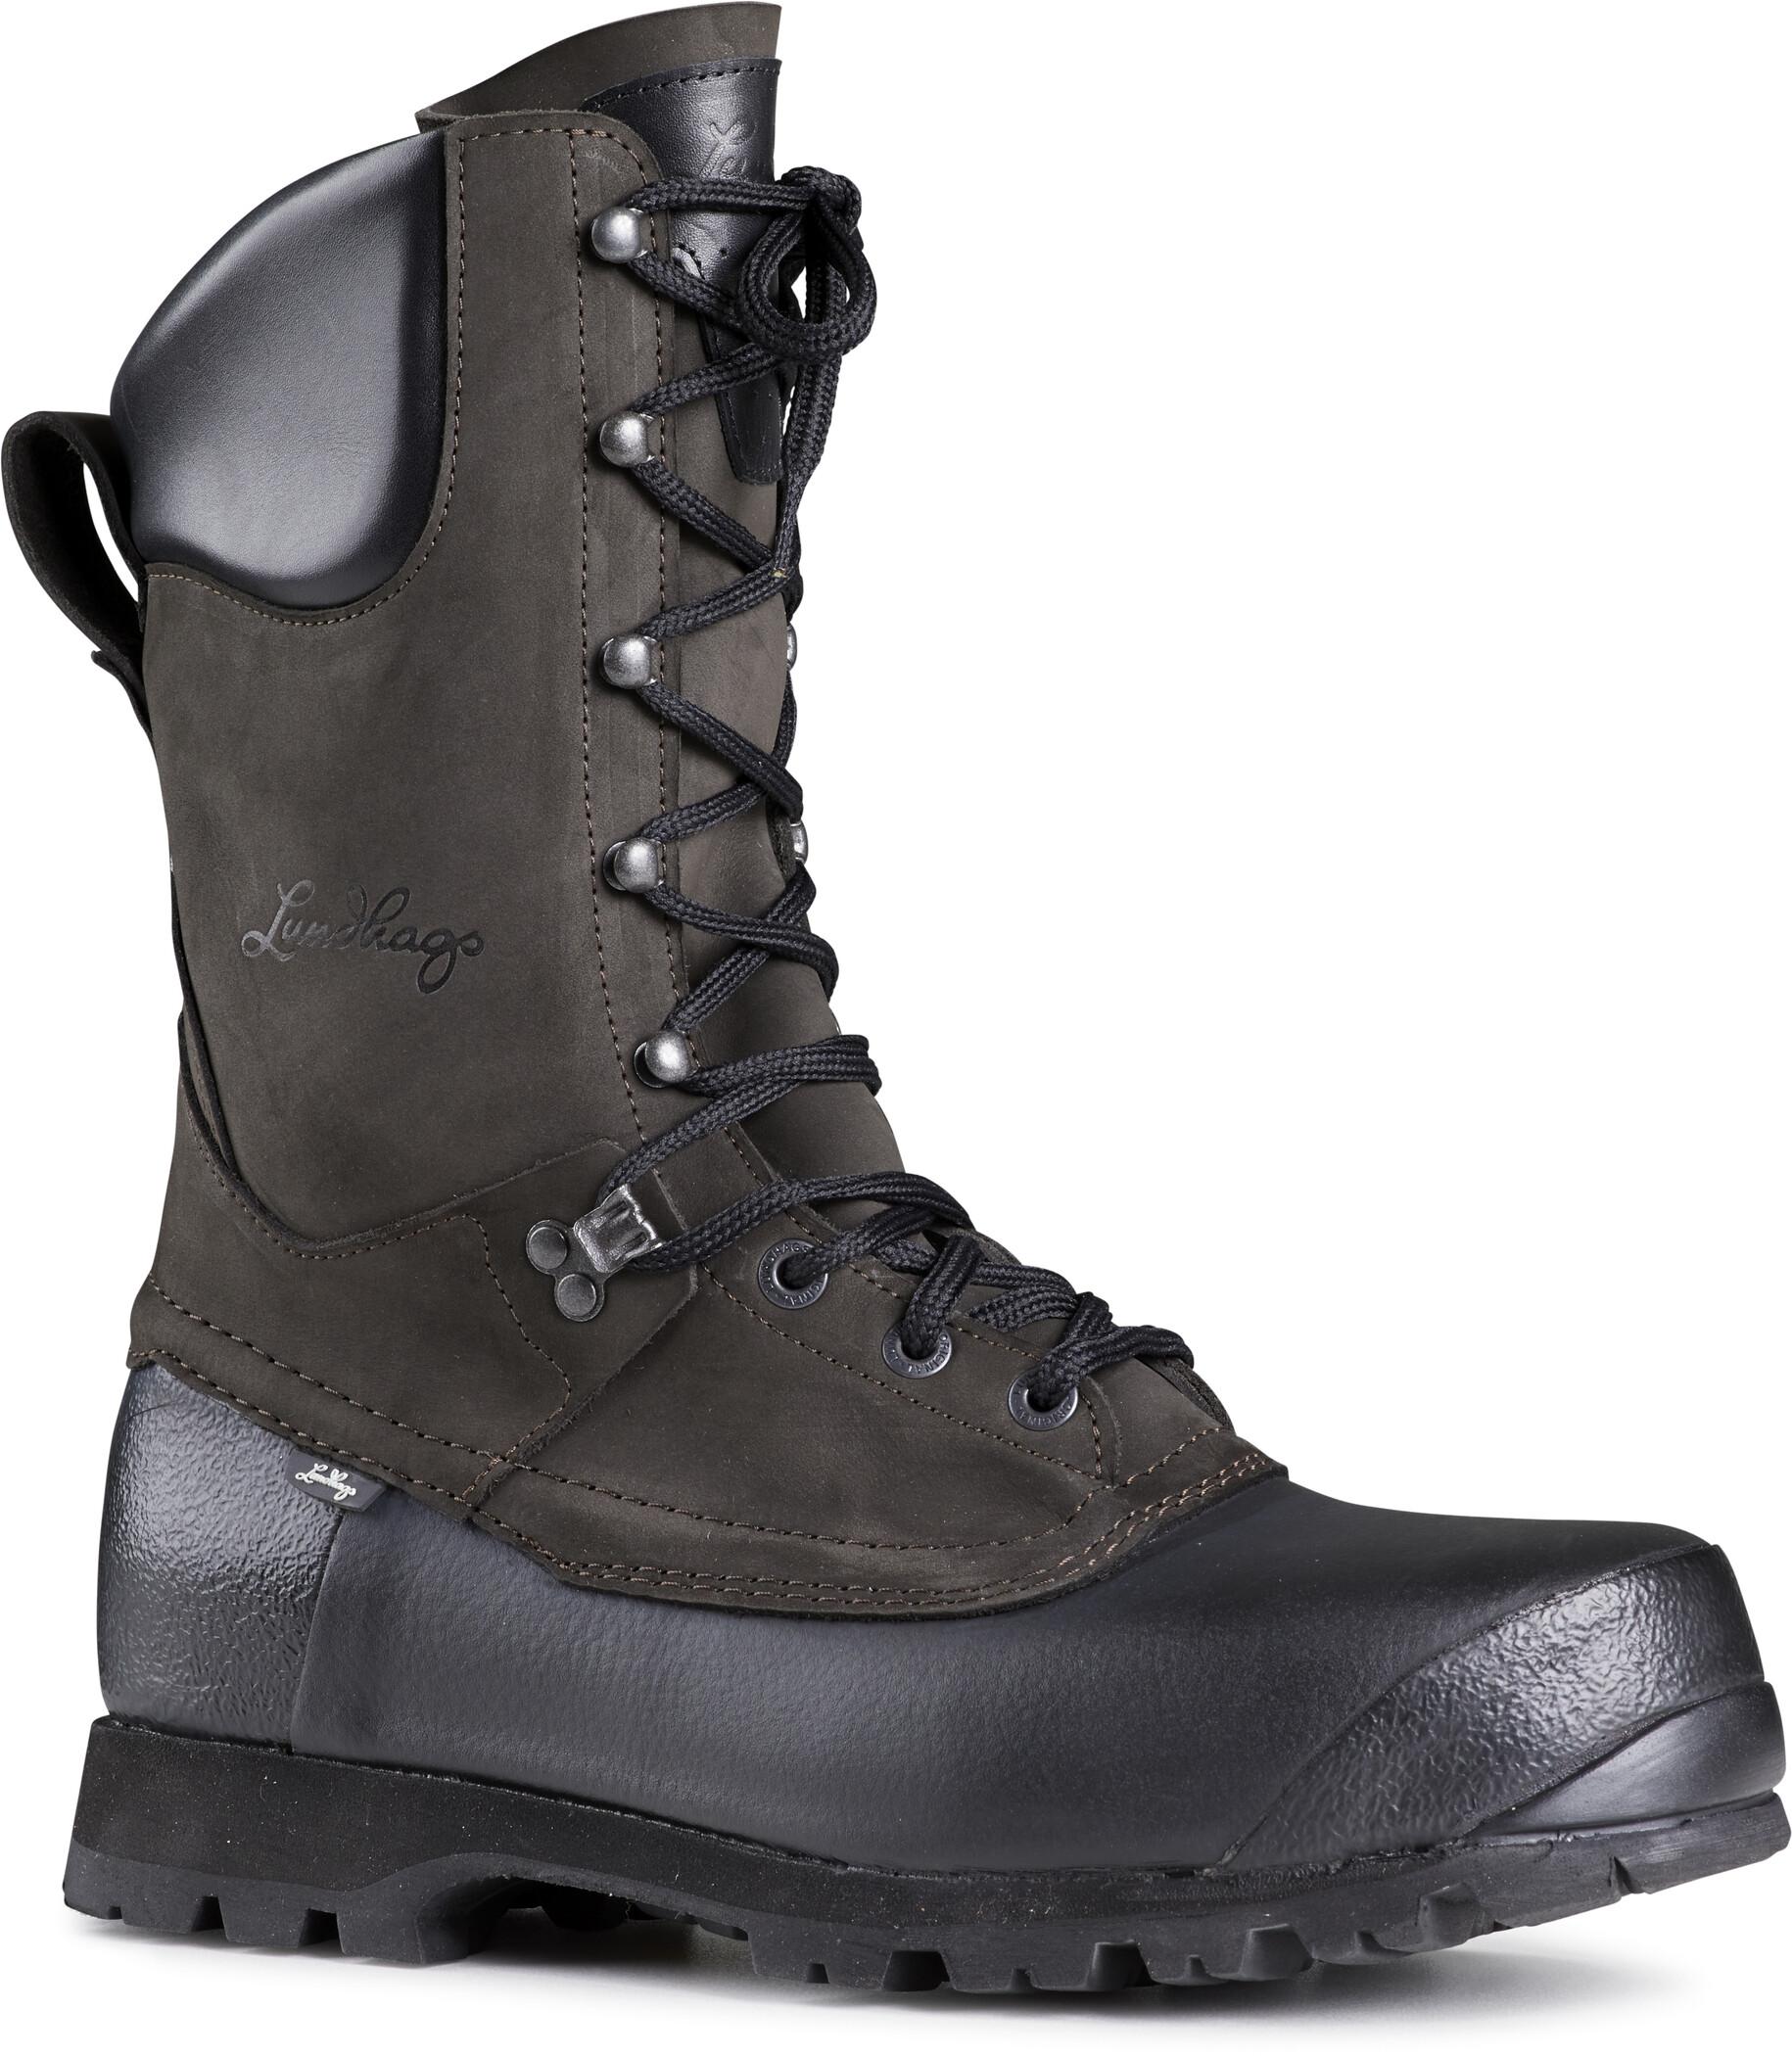 45 Neu Schwarz Das Ganze System StäRken Und StäRken Business & Industrie Praktisch Dunlop Gummistiefel Gr Arbeitskleidung & -schutz